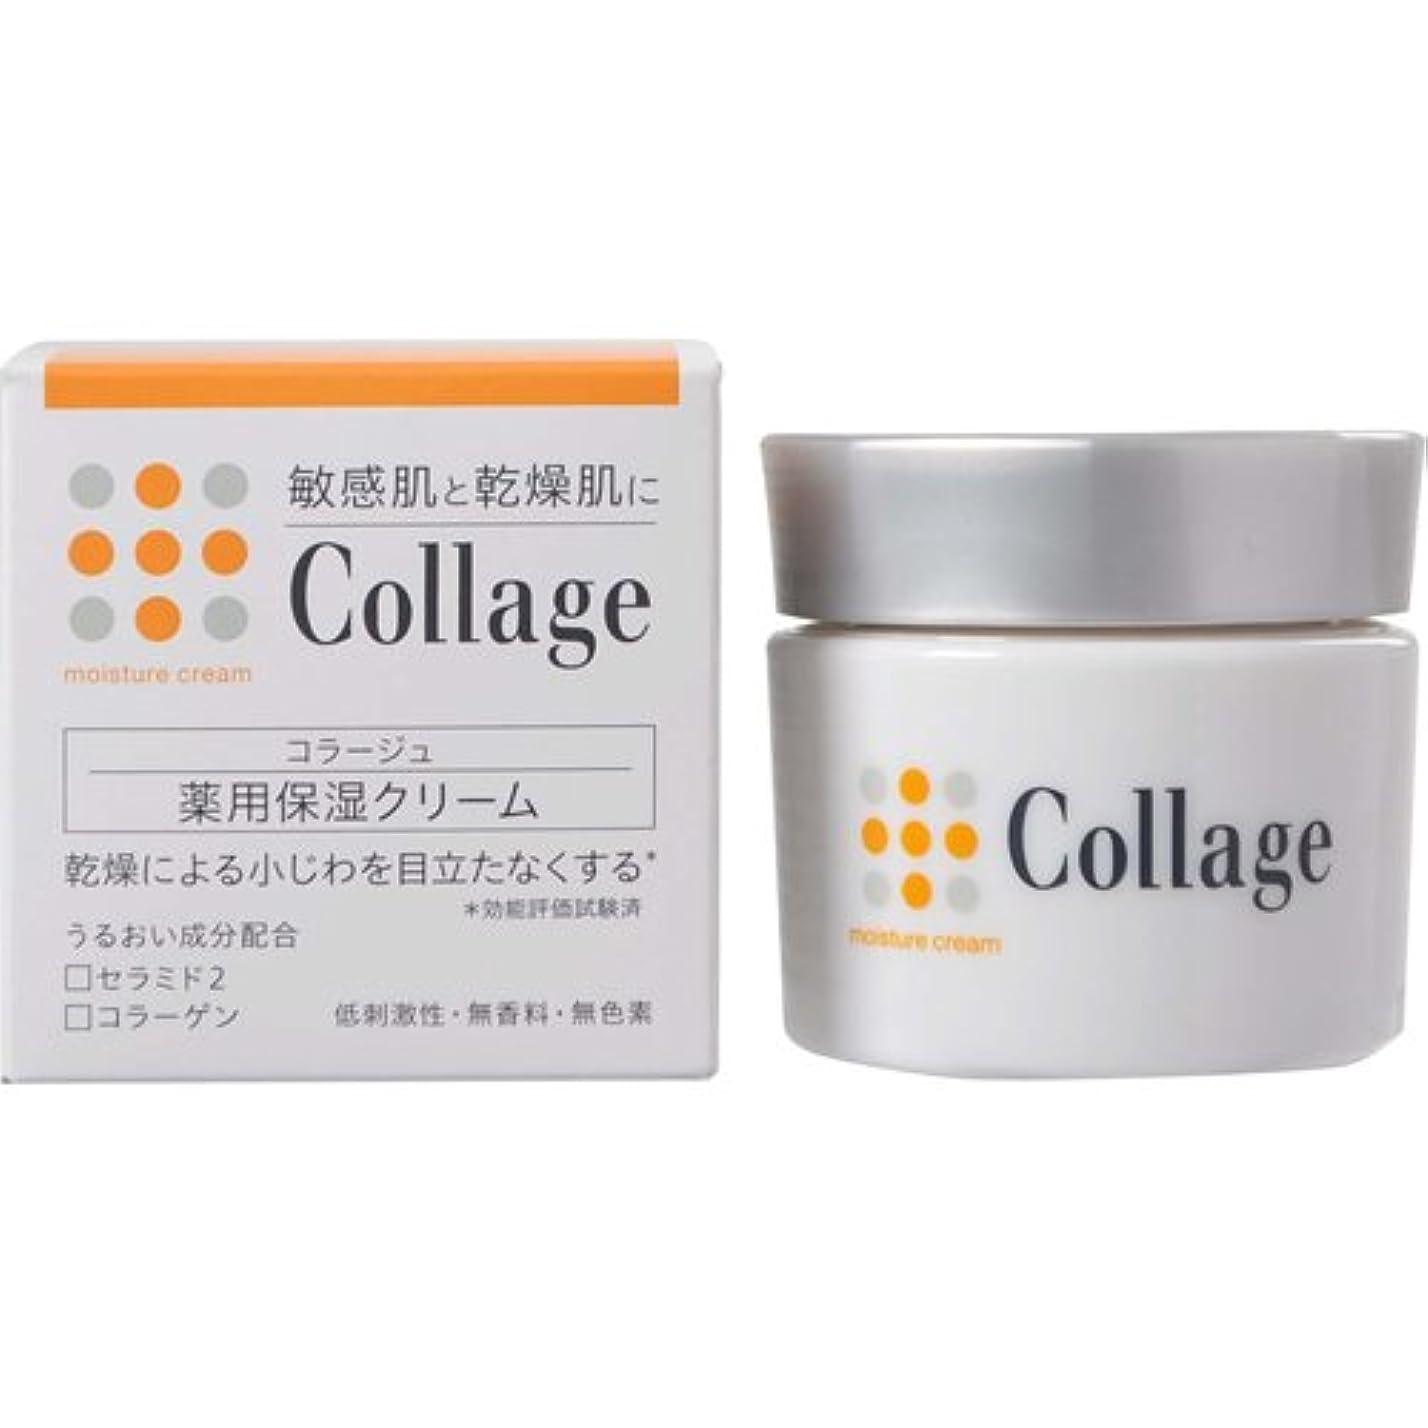 ヒップ内訳しかしながらコラージュ 薬用保湿クリーム 30g 【医薬部外品】